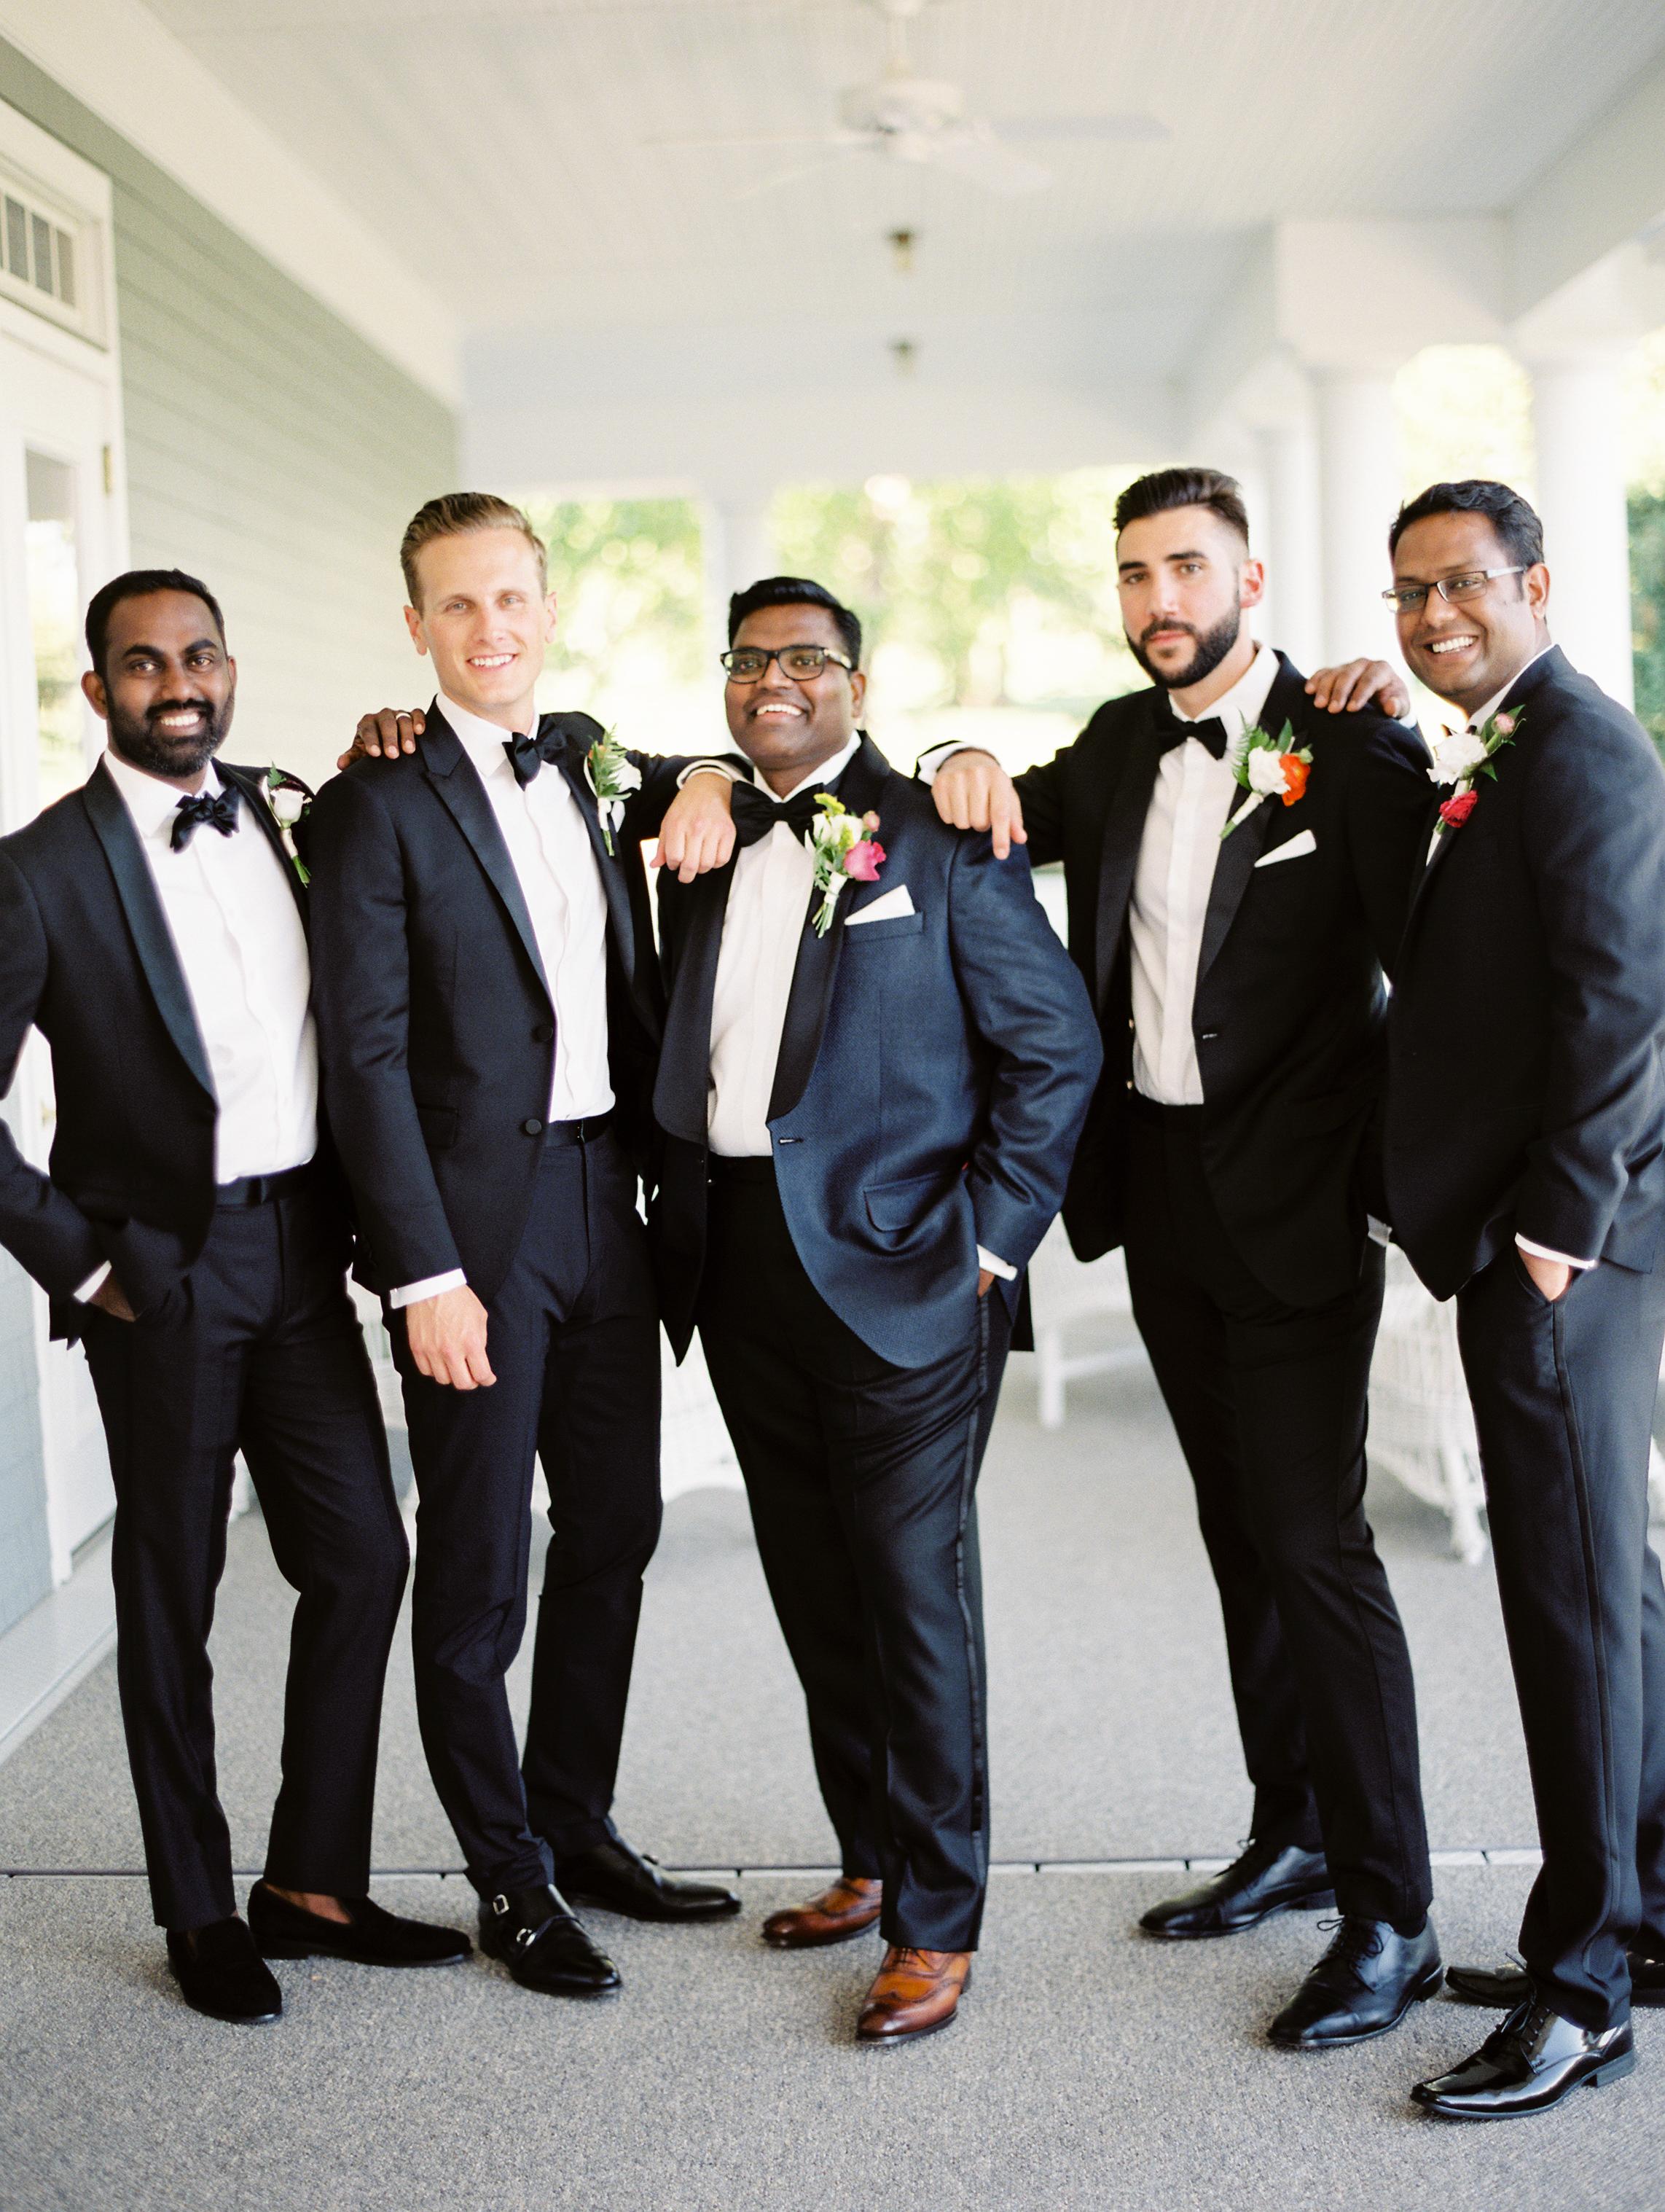 Govathoti+Wedding+Cocktail+BridalParty-17.jpg